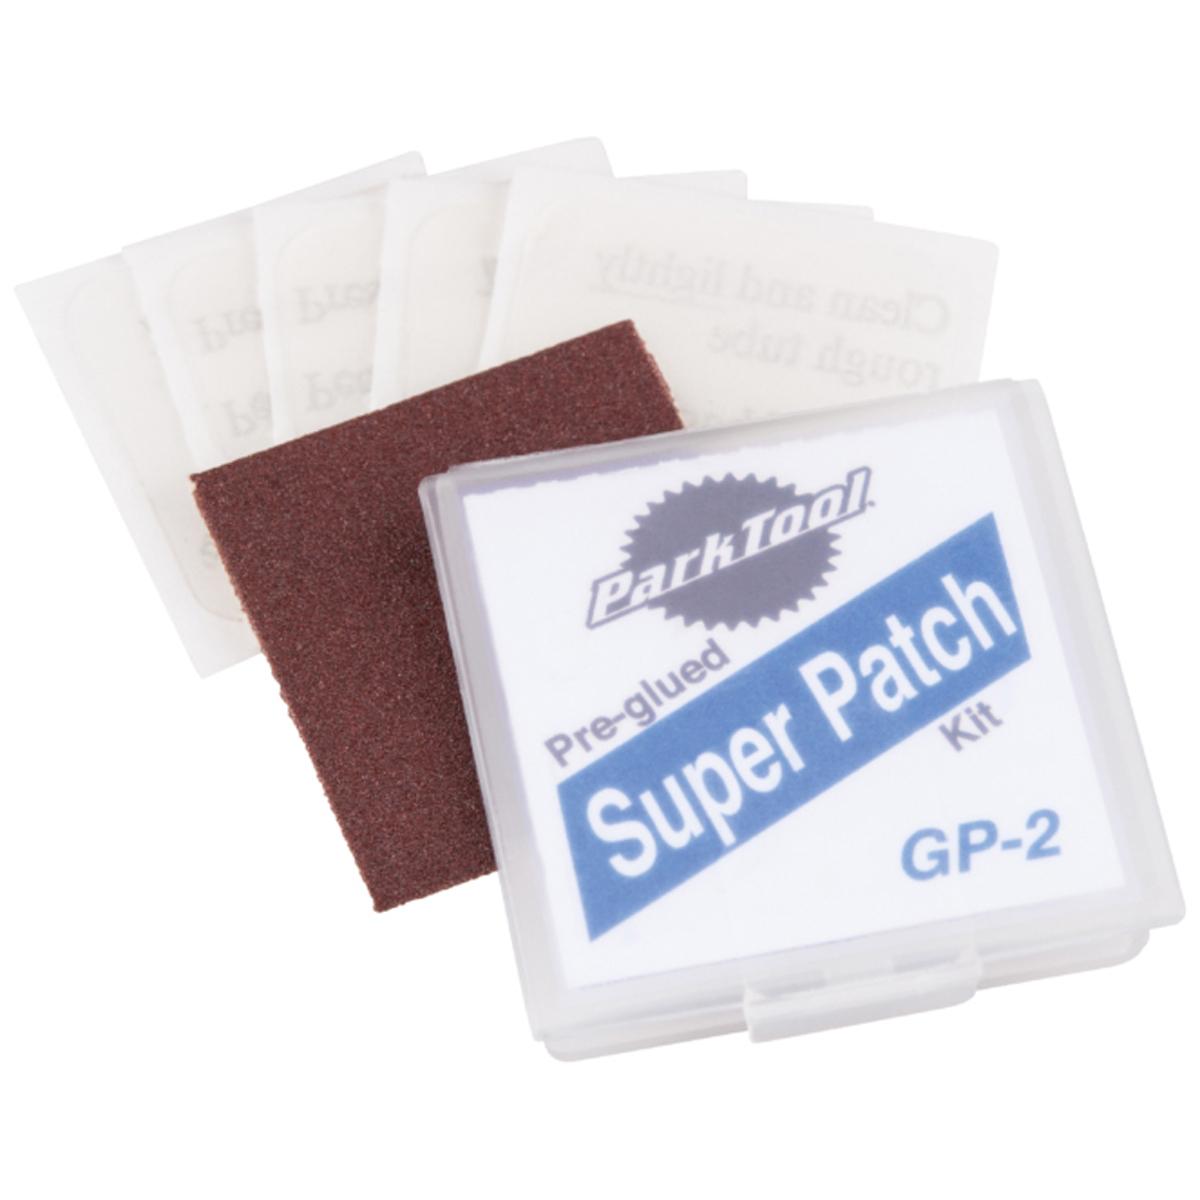 Park Tool selvklæbende Lapper GP-2C - PT100523 | Repair Kit